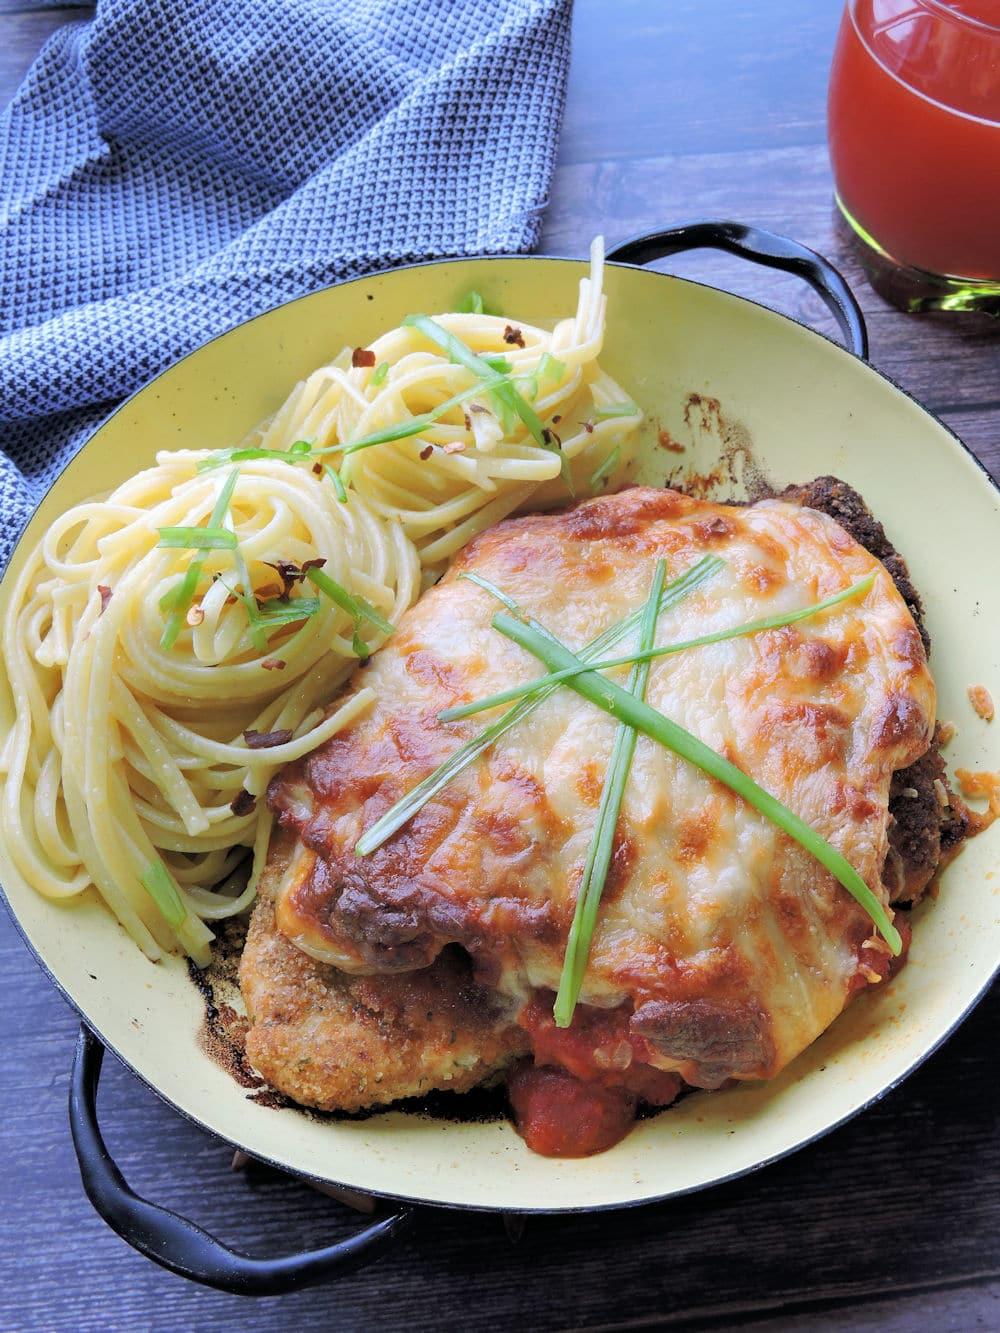 24Bite Recipe: Baked Chicken Parmigiana Recipe Chicken Parm by Christian Guzman